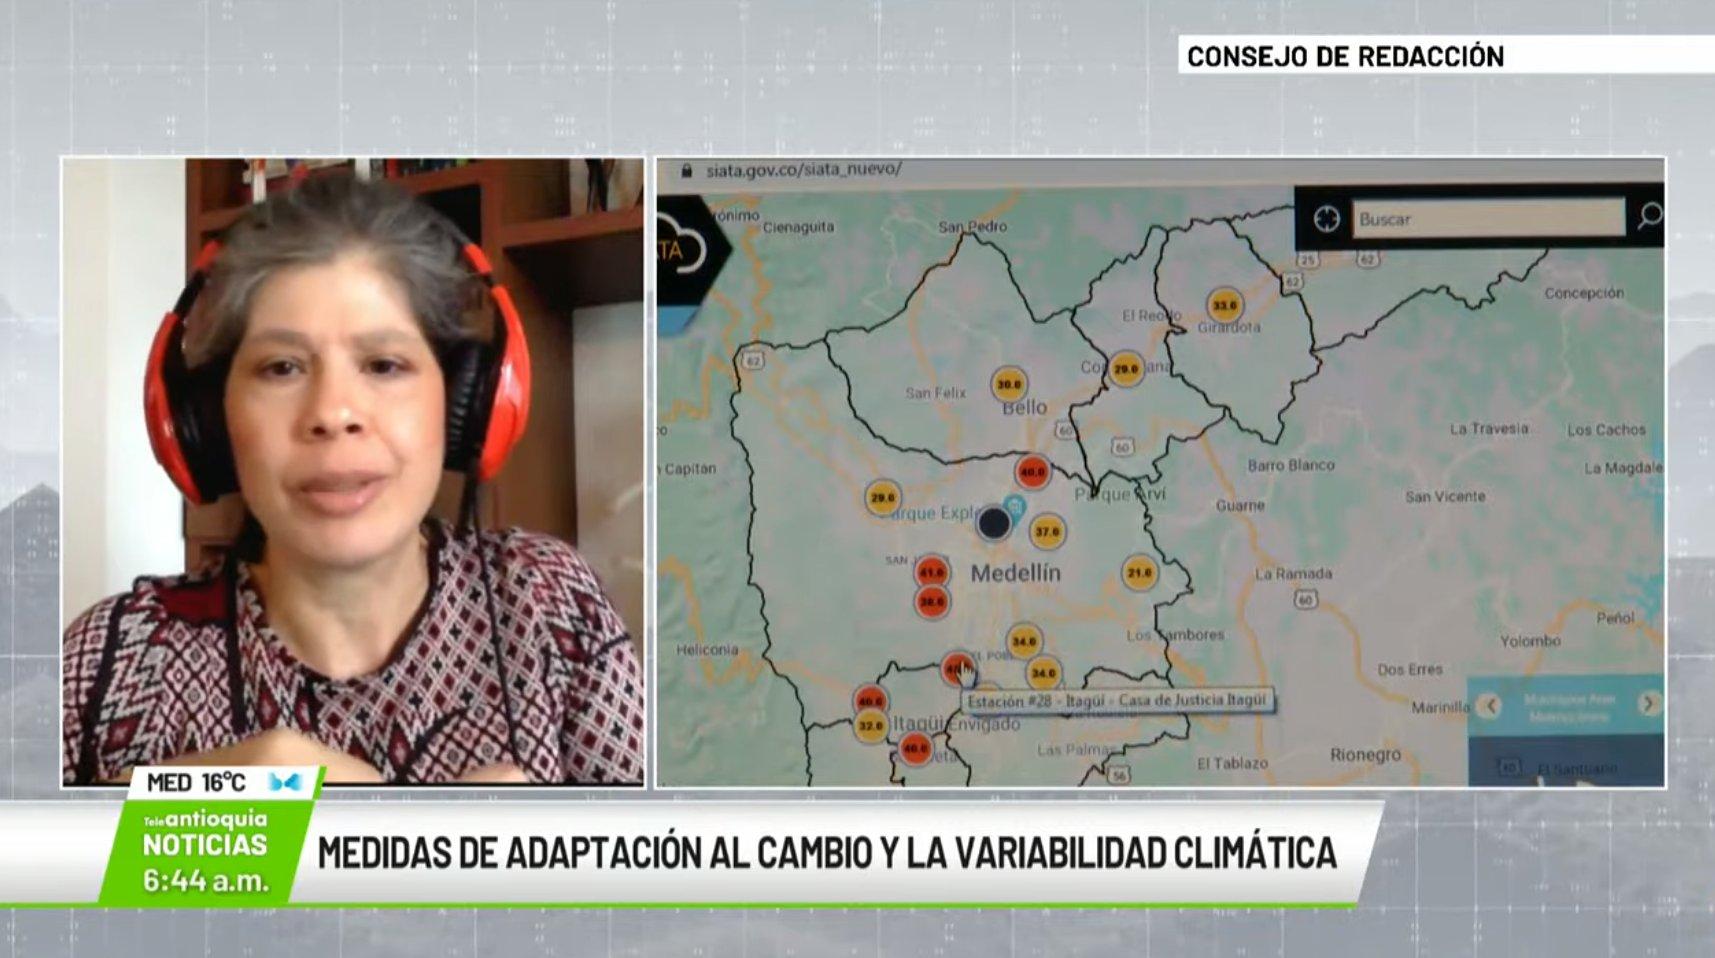 Entrevista con Eliana Martínez Herrera, dir. del convenio para la formulación del Plan de Adaptación al cambio climático.